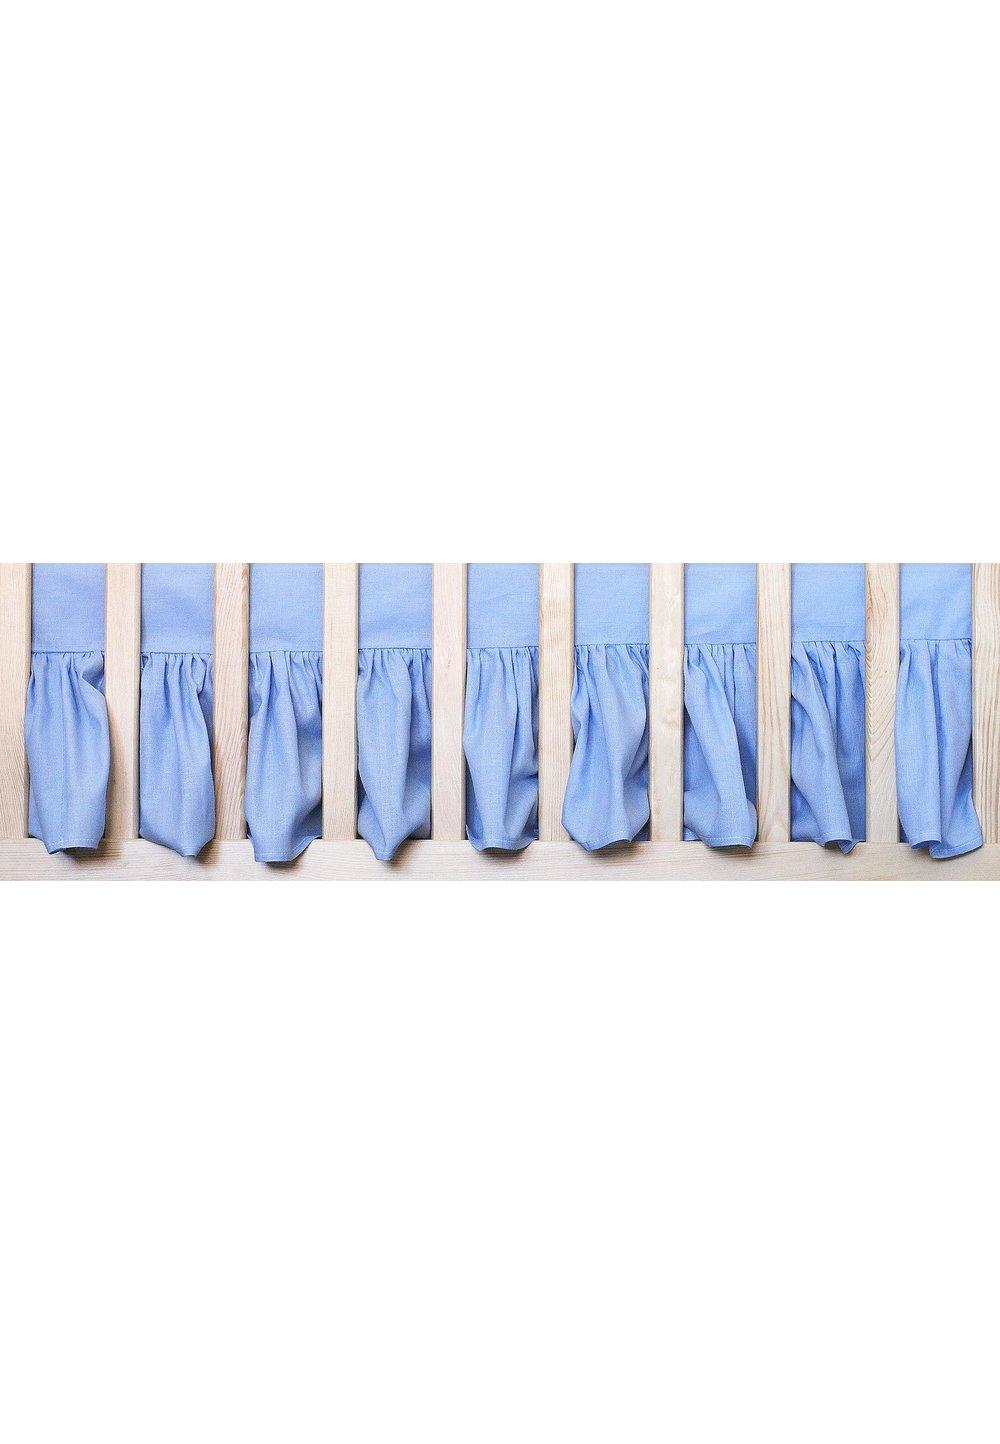 Cearceaf patut cu volanas, albastru, 120x60 cm imagine